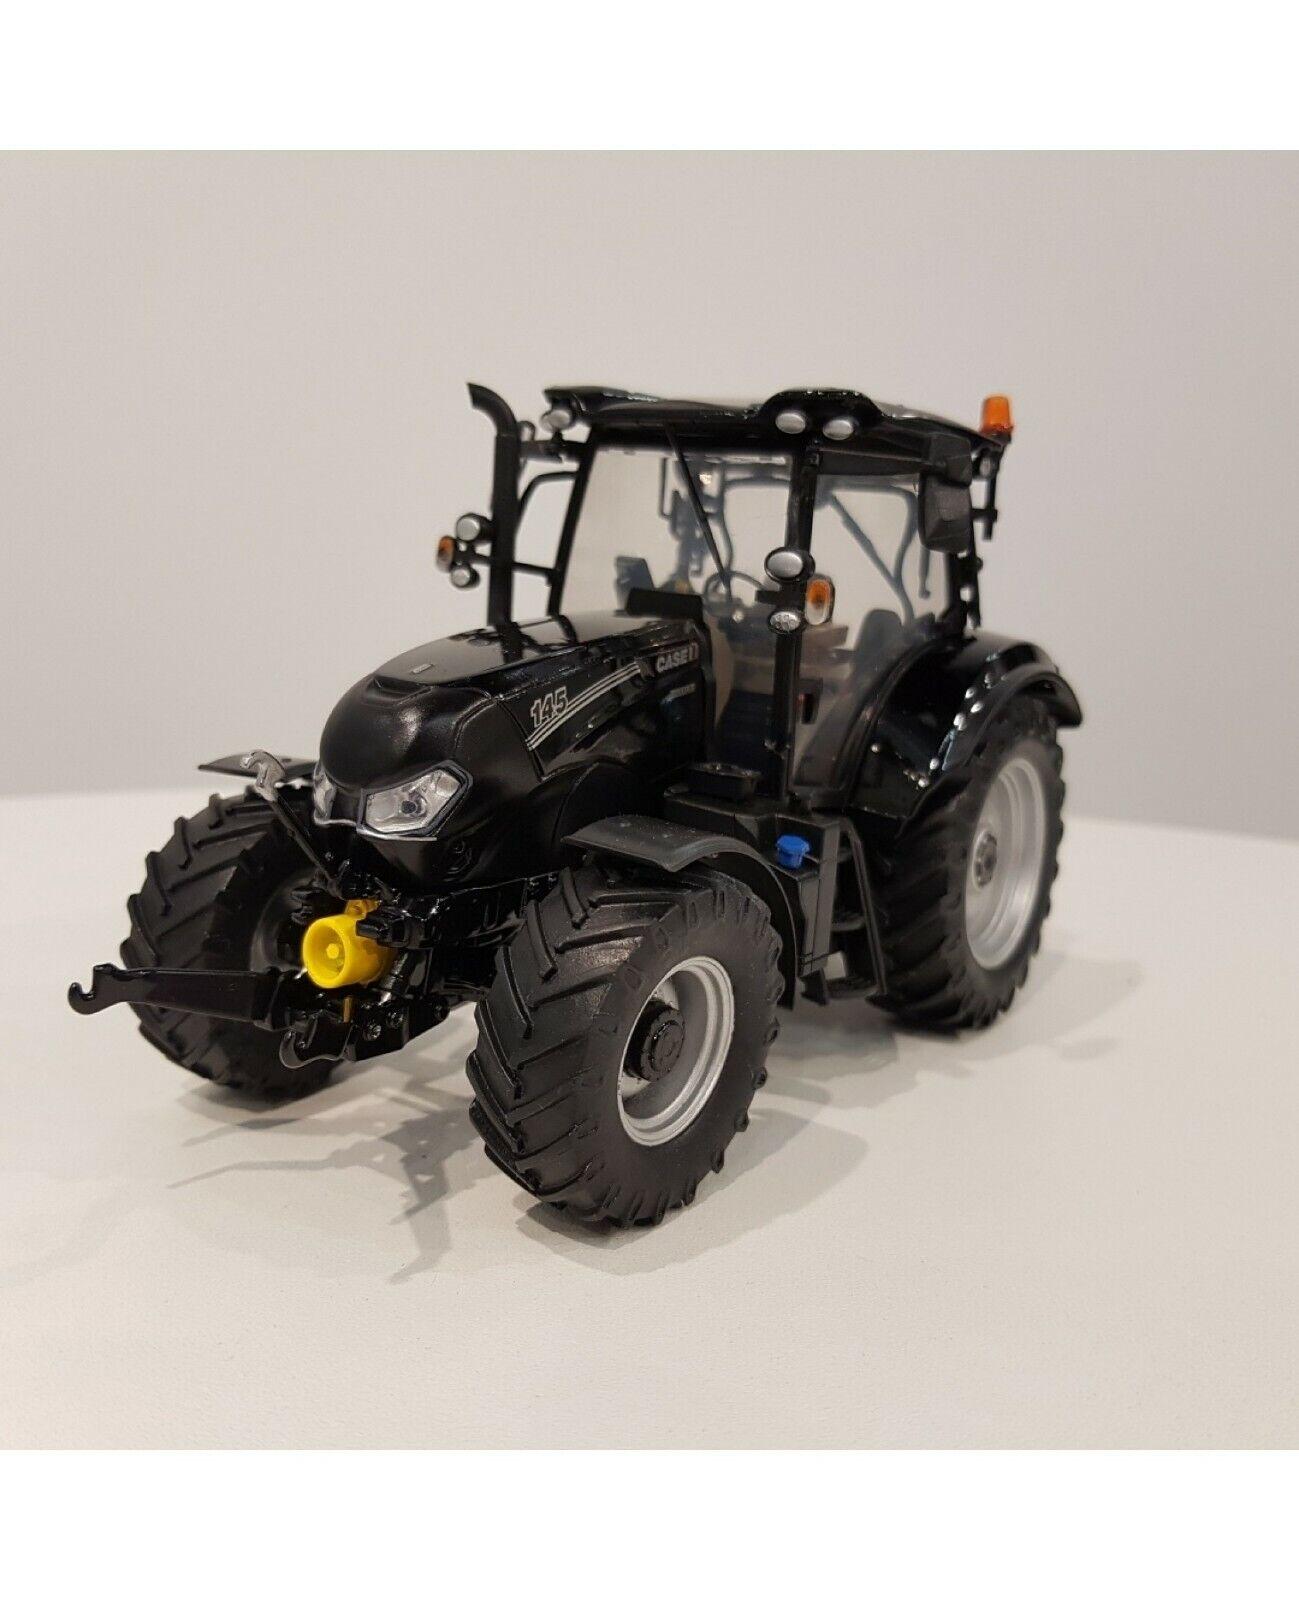 5380 Universal Hobbies schwarz BEAUTY CASE IH Maxxum CVX 145 tractor 1 32 BOXED